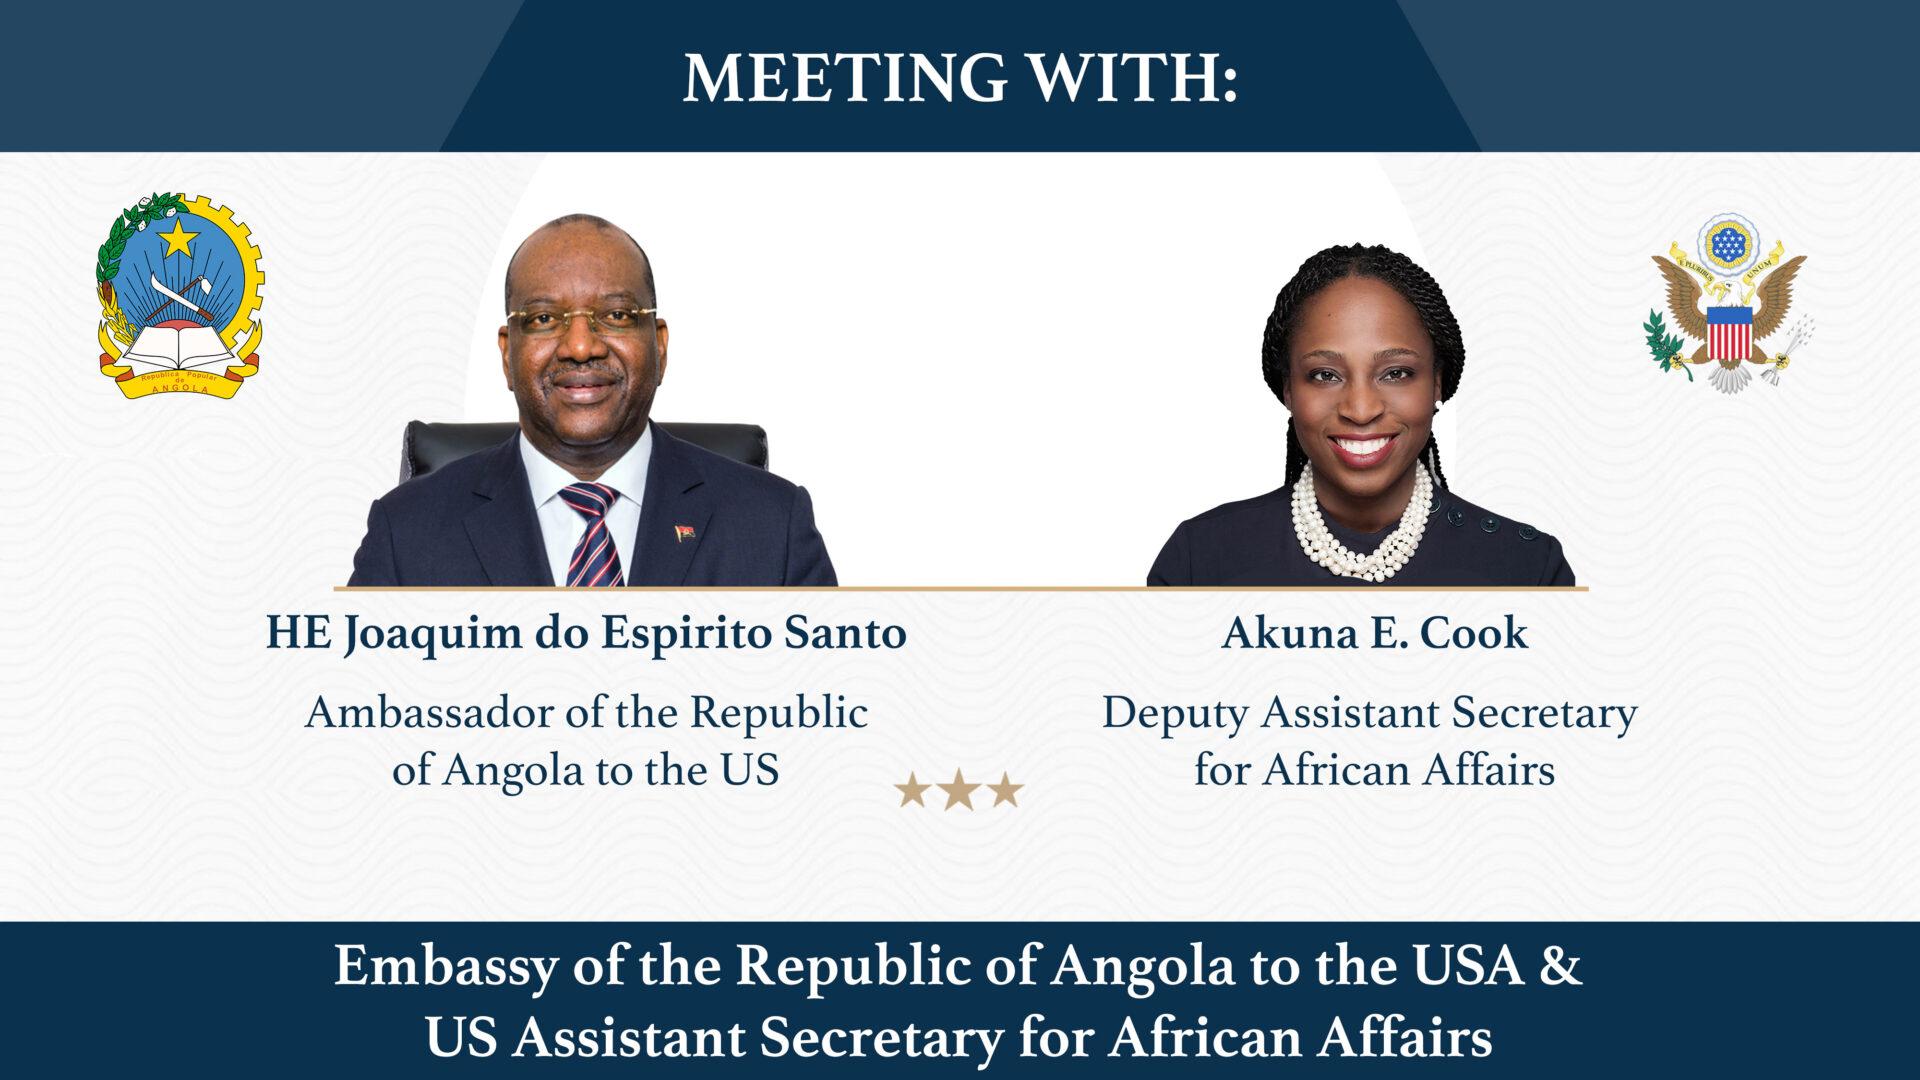 Akuna Cook and Angolan embassy Meeting